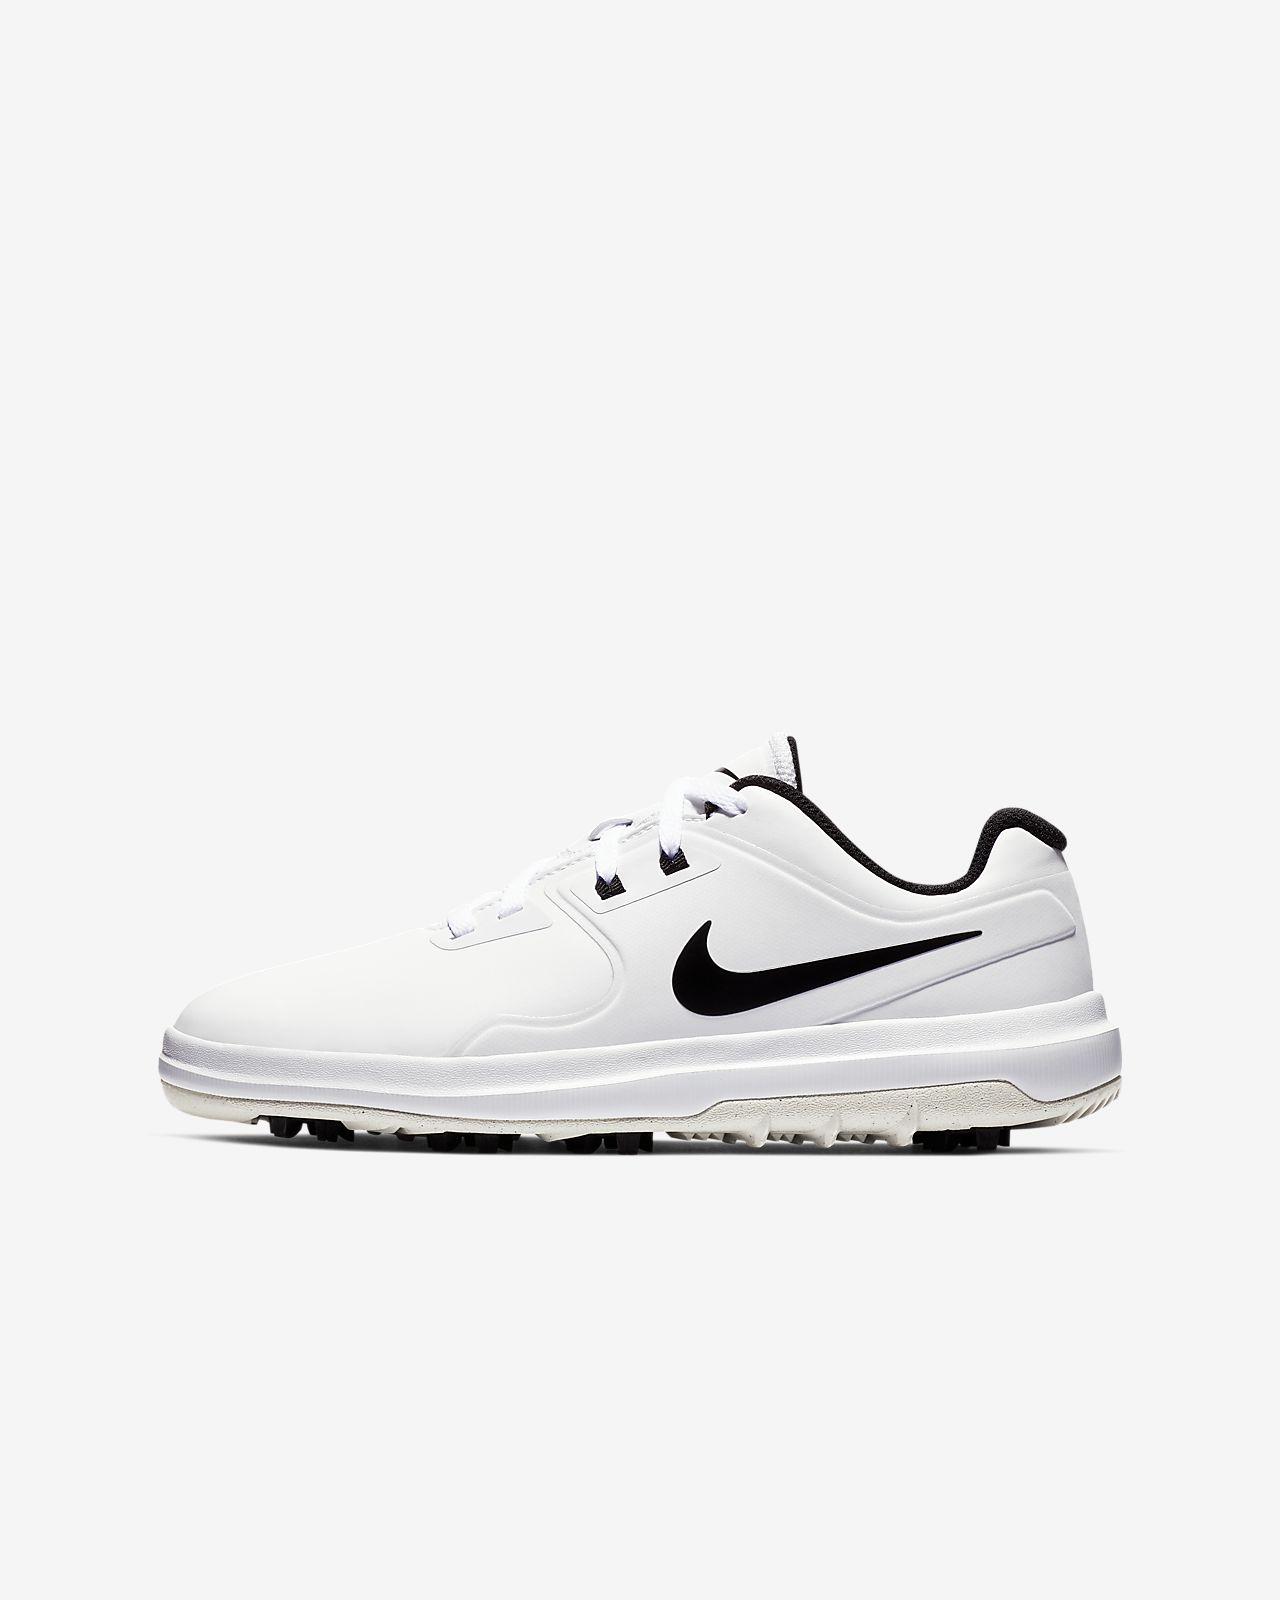 Buty do golfa dla małych/dużych dzieci Nike Vapor Pro Jr.